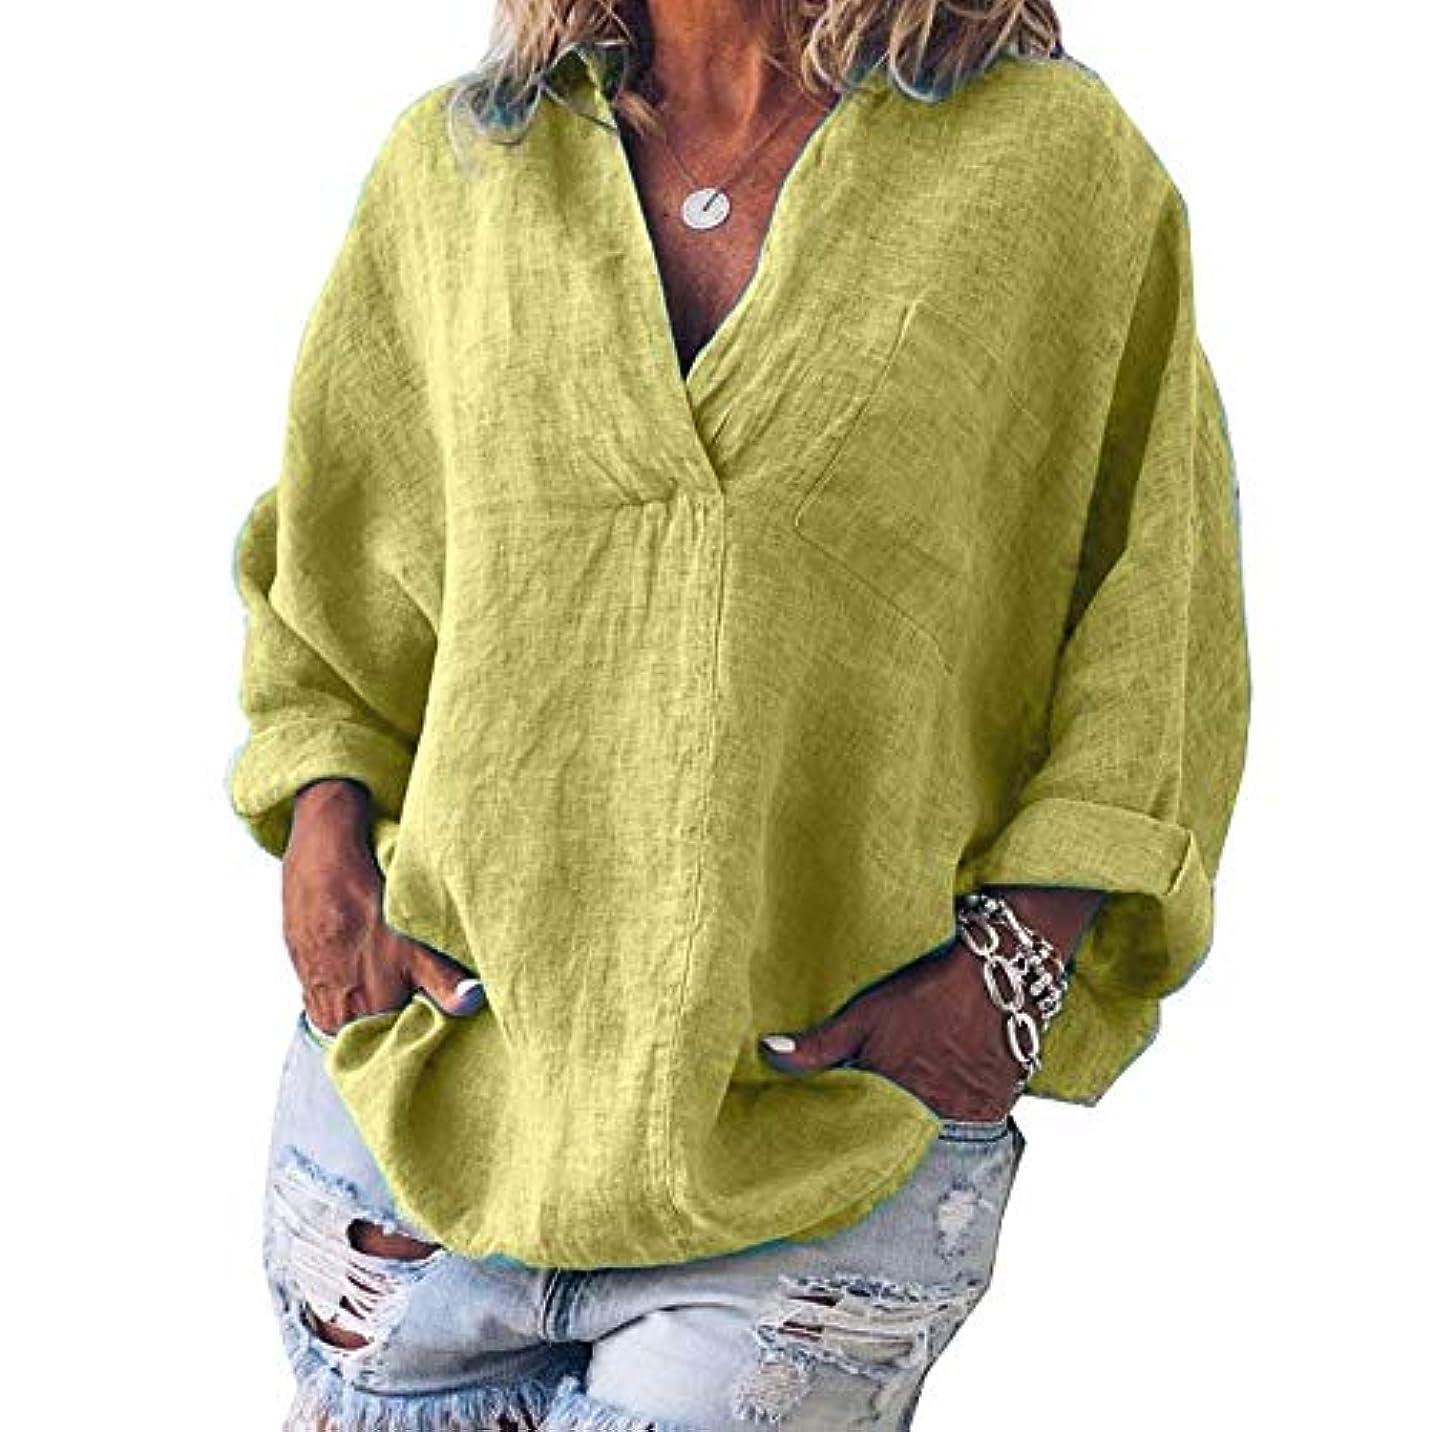 槍アンティーク振る舞いMIFAN女性ファッション春夏チュニックトップス深いVネックTシャツ長袖プルオーバールーズリネンブラウス